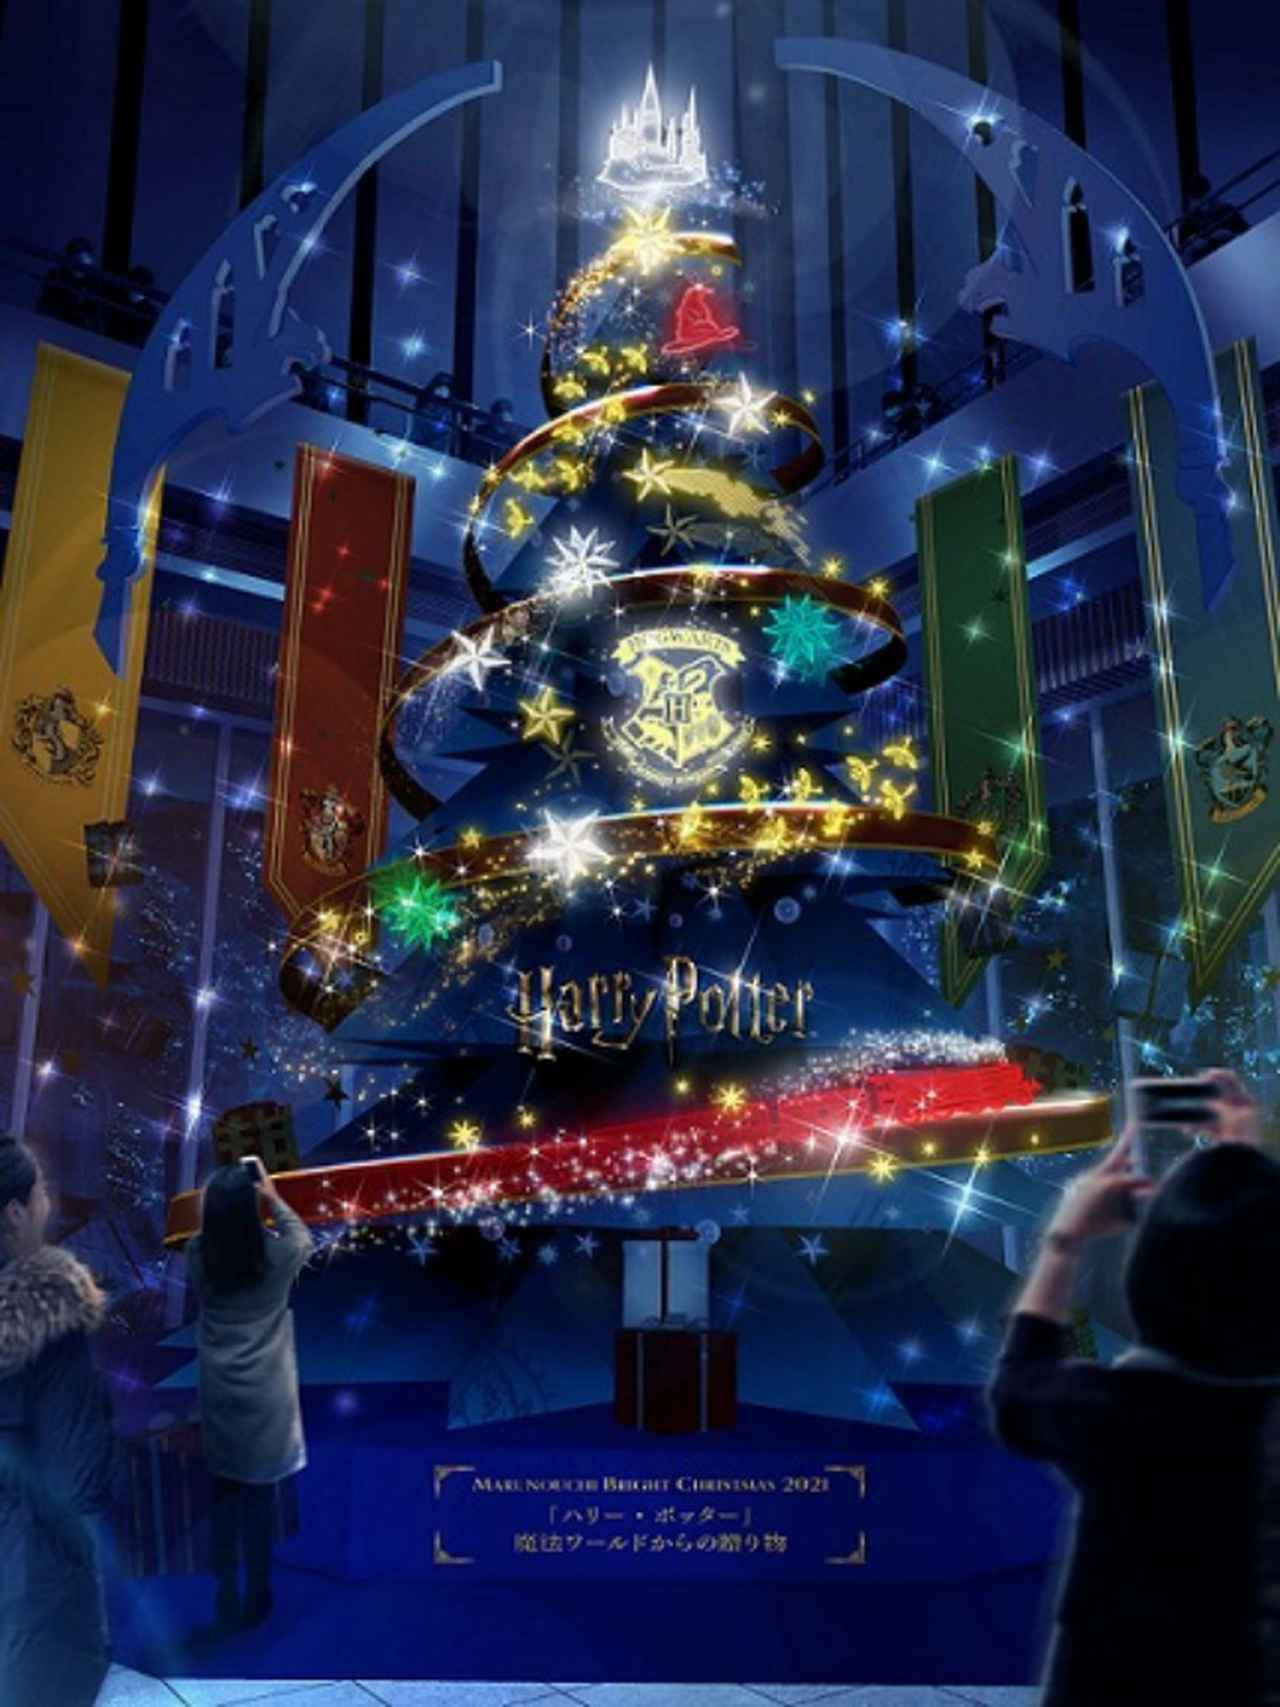 画像1: 『ハリー・ポッター』が丸ビルとコラボしてクリスマスイベント